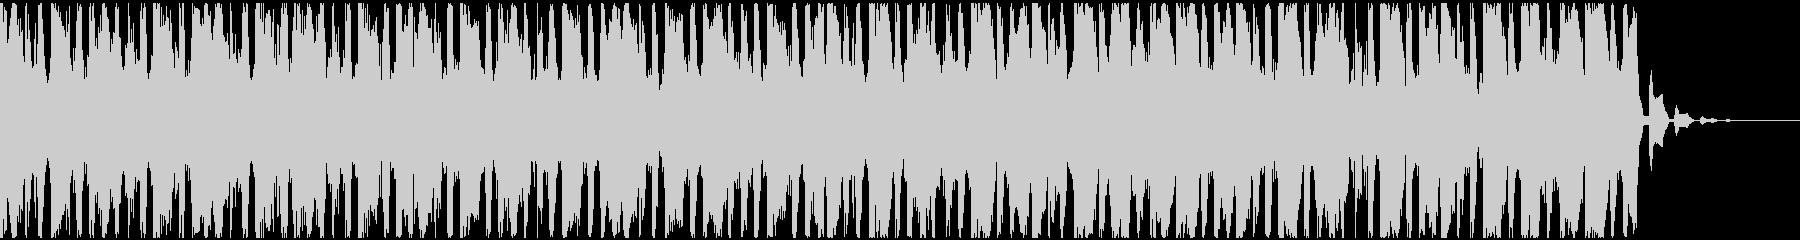 【EDM】トランス、ジングル2の未再生の波形